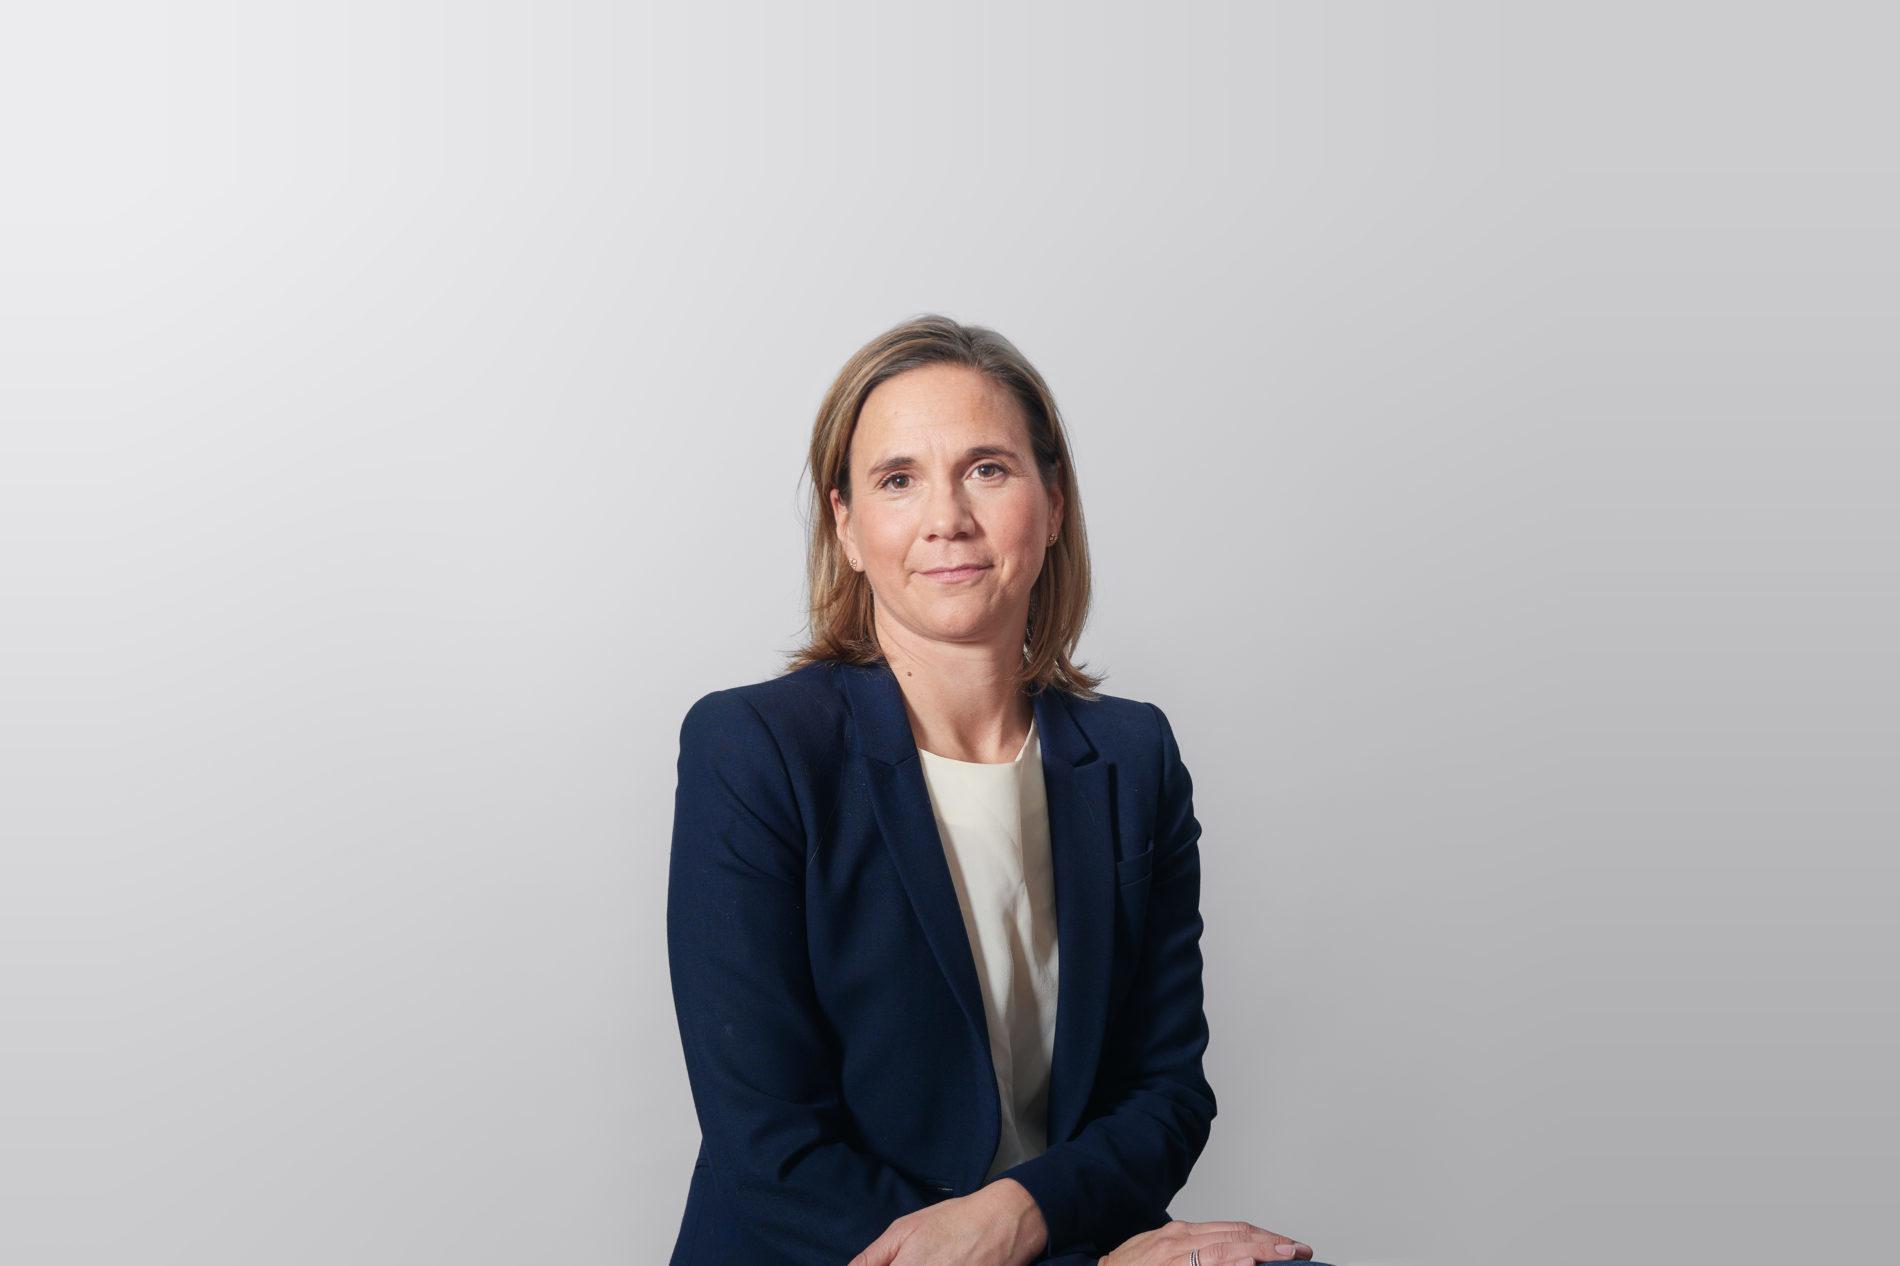 Johanna Skogestig